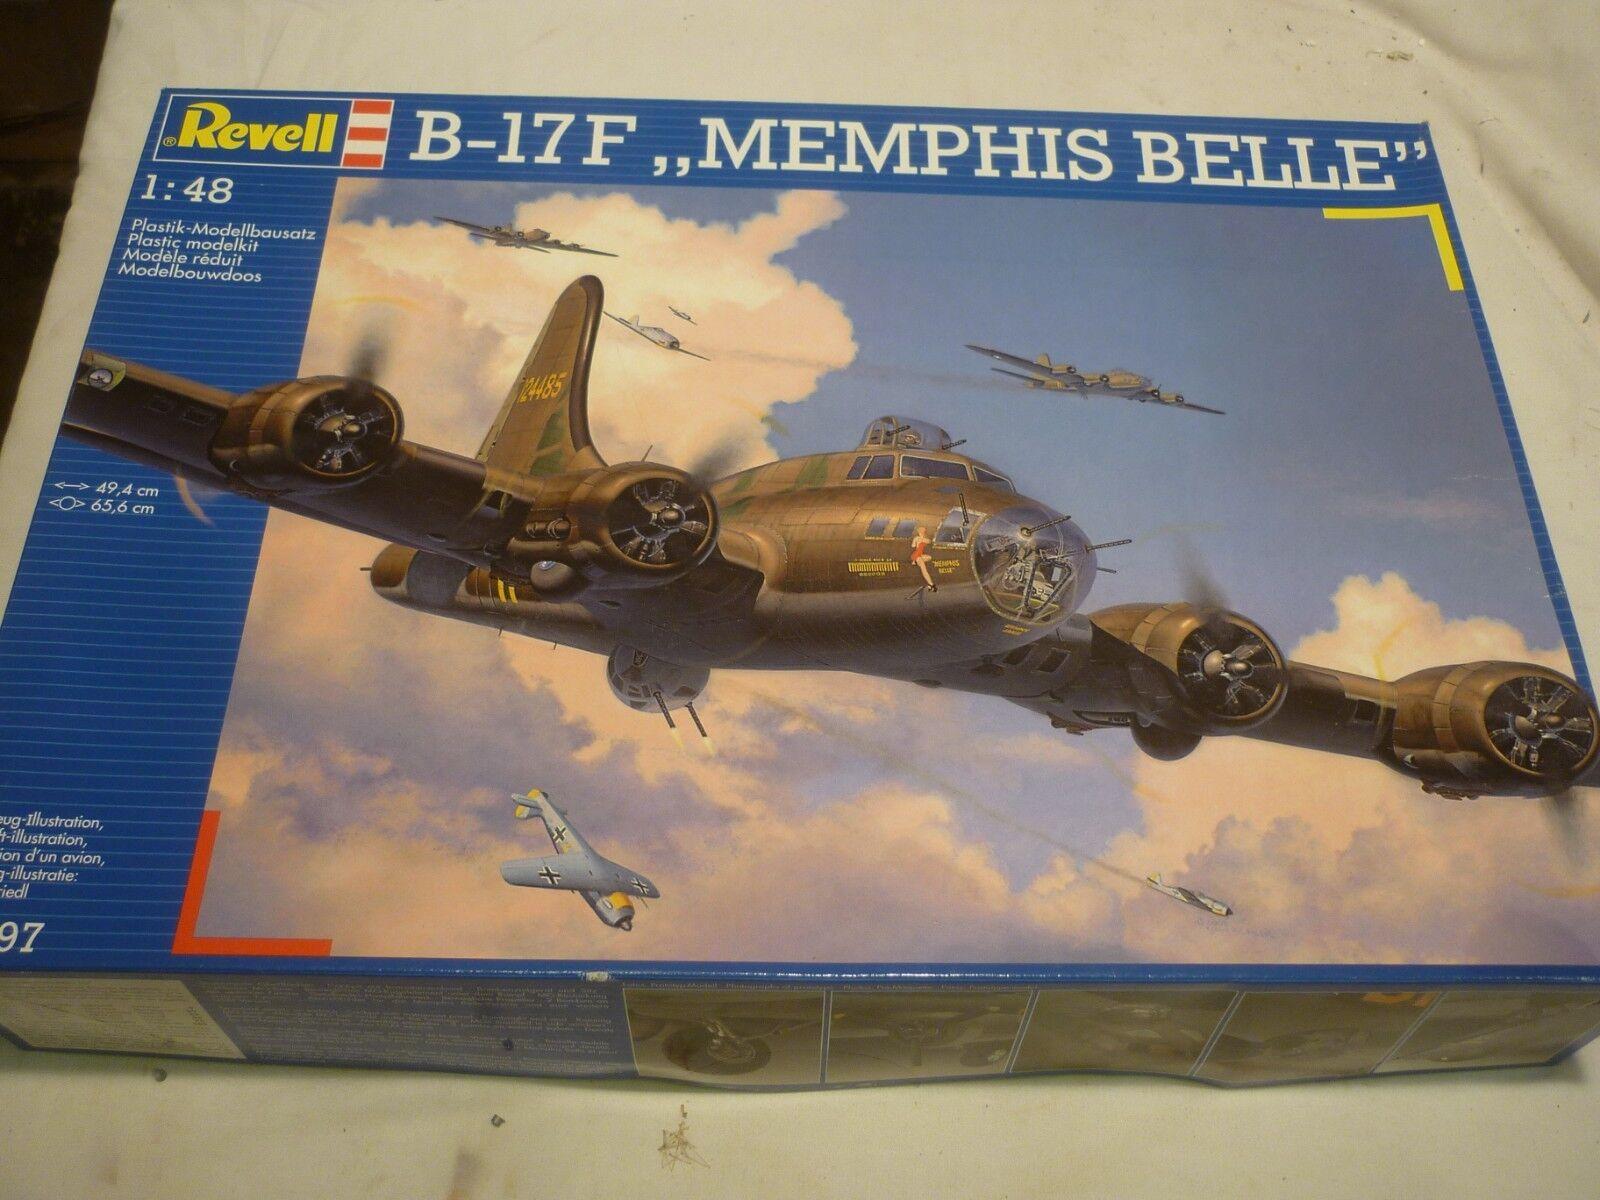 A Revell un-built plastic kit of a B-17F Memphis Belle, boxed